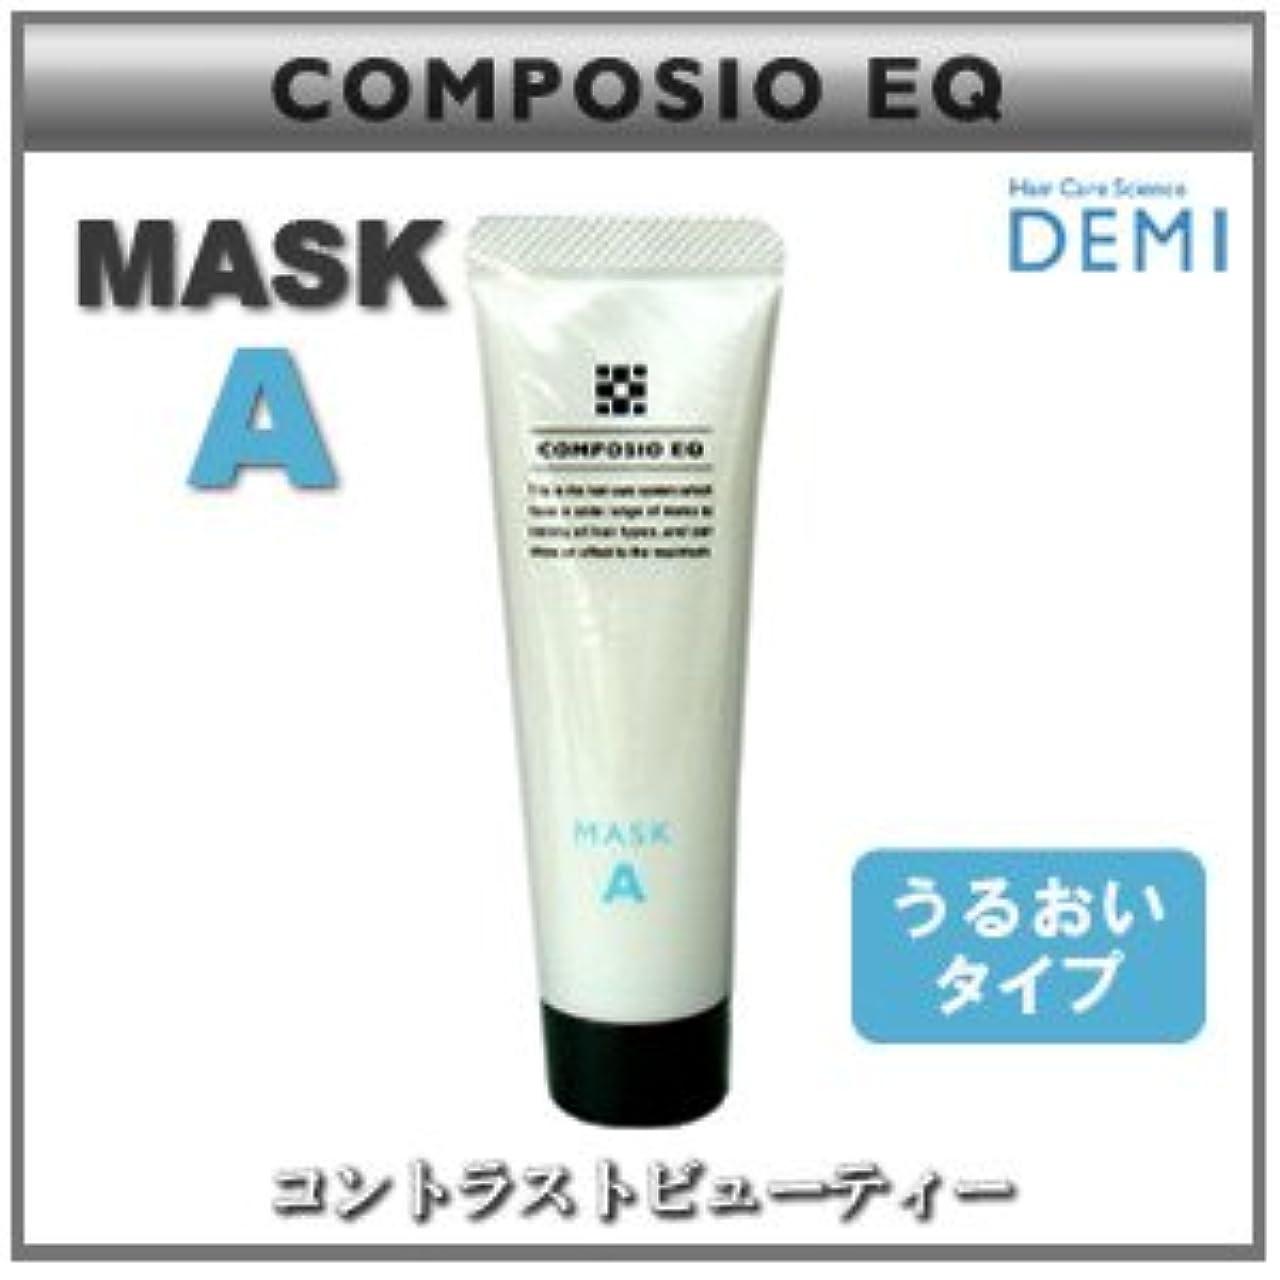 放射性たるみカルシウム【X2個セット】 デミ コンポジオ EQ マスク A 50g